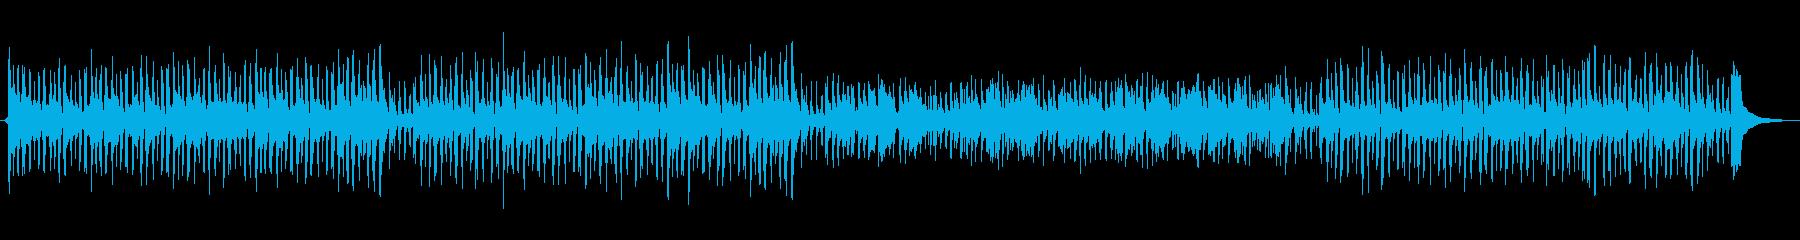 楽しくて遊び心のあるジャズスイング...の再生済みの波形